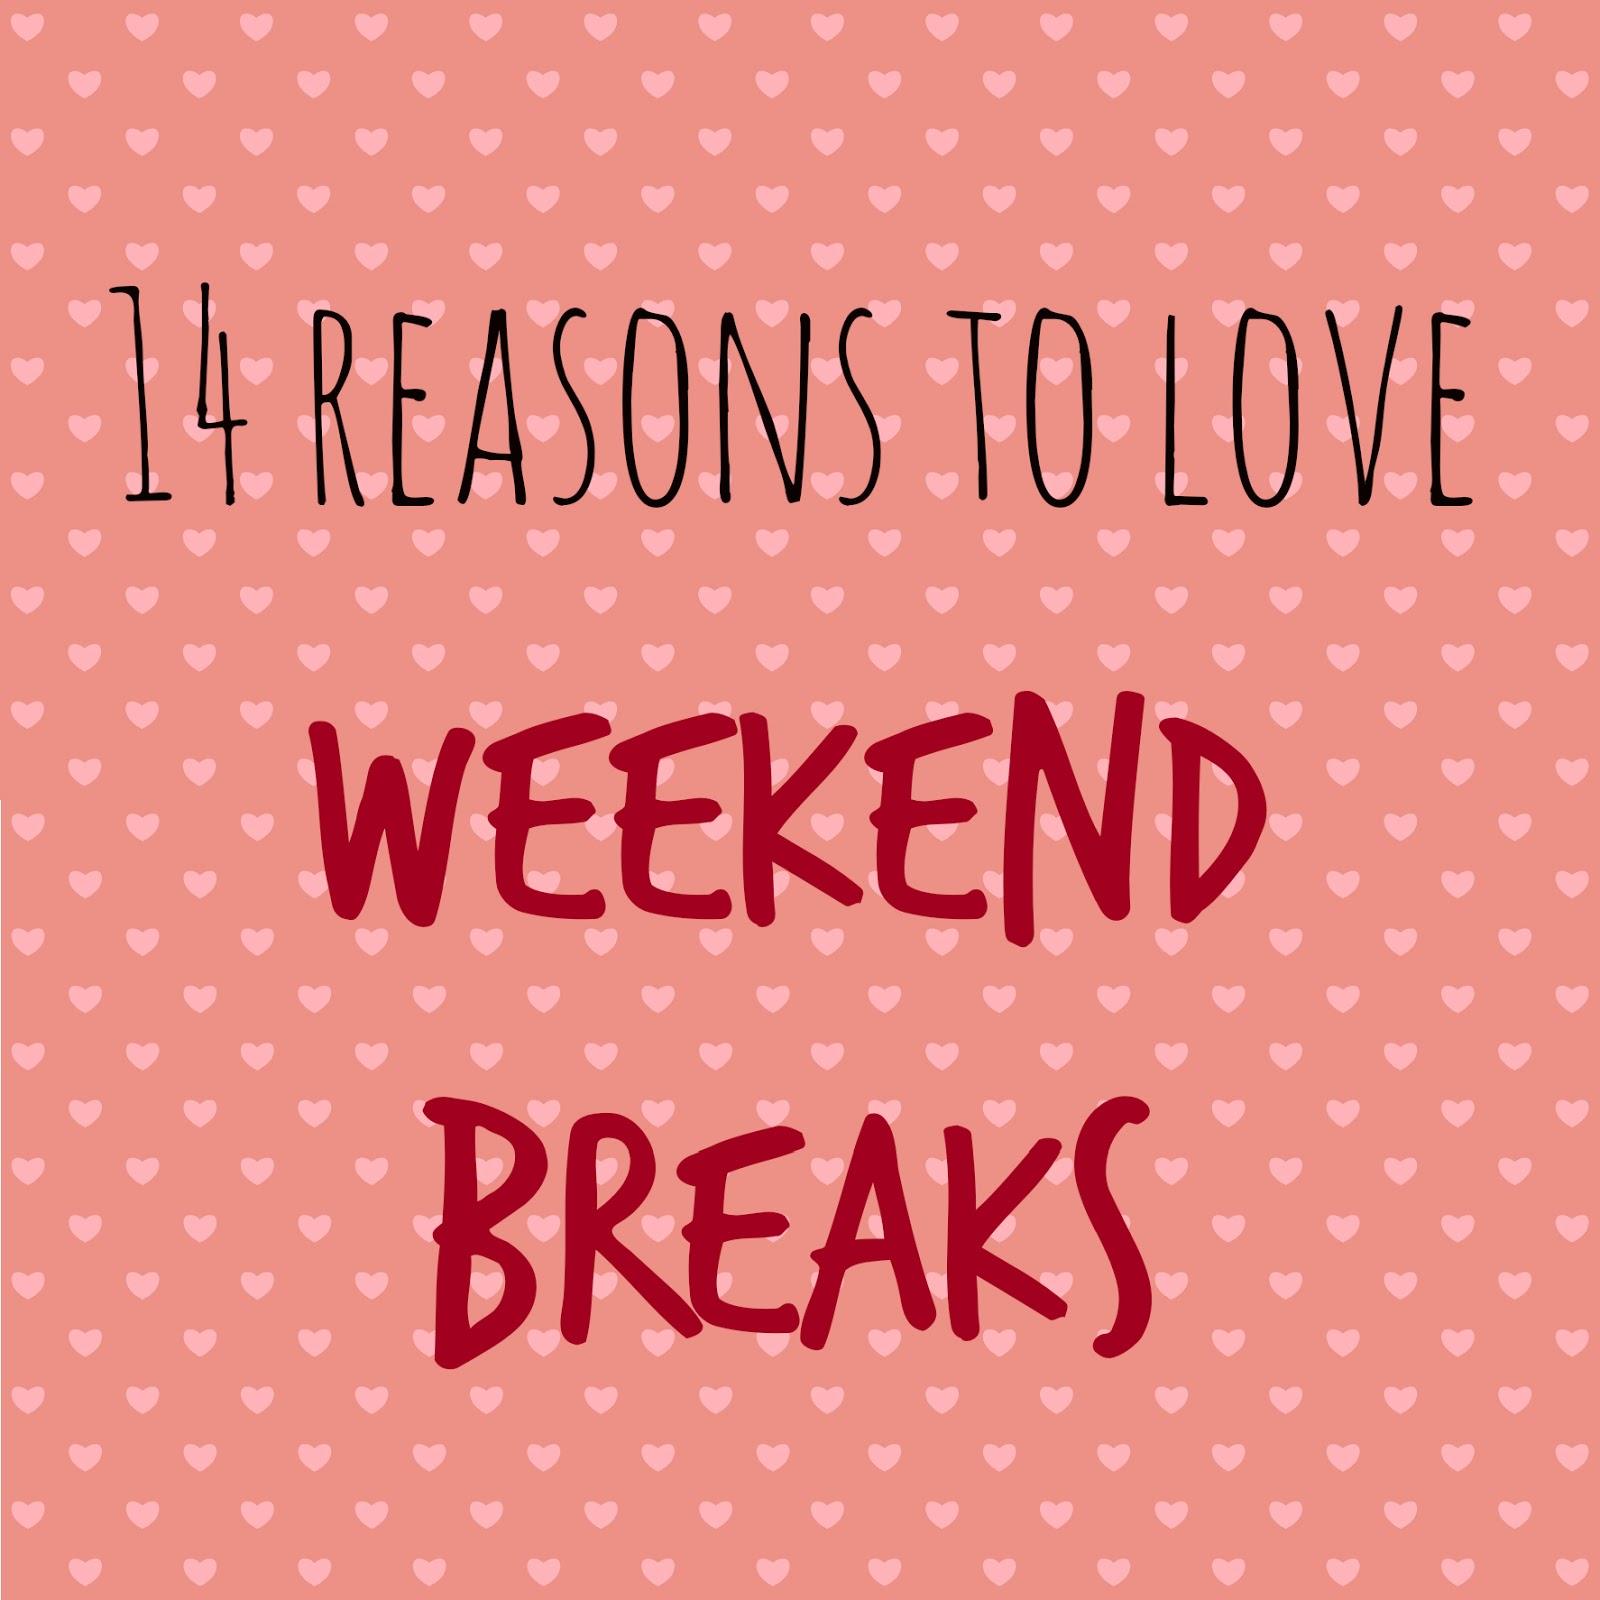 14 reasons to love weekend breaks